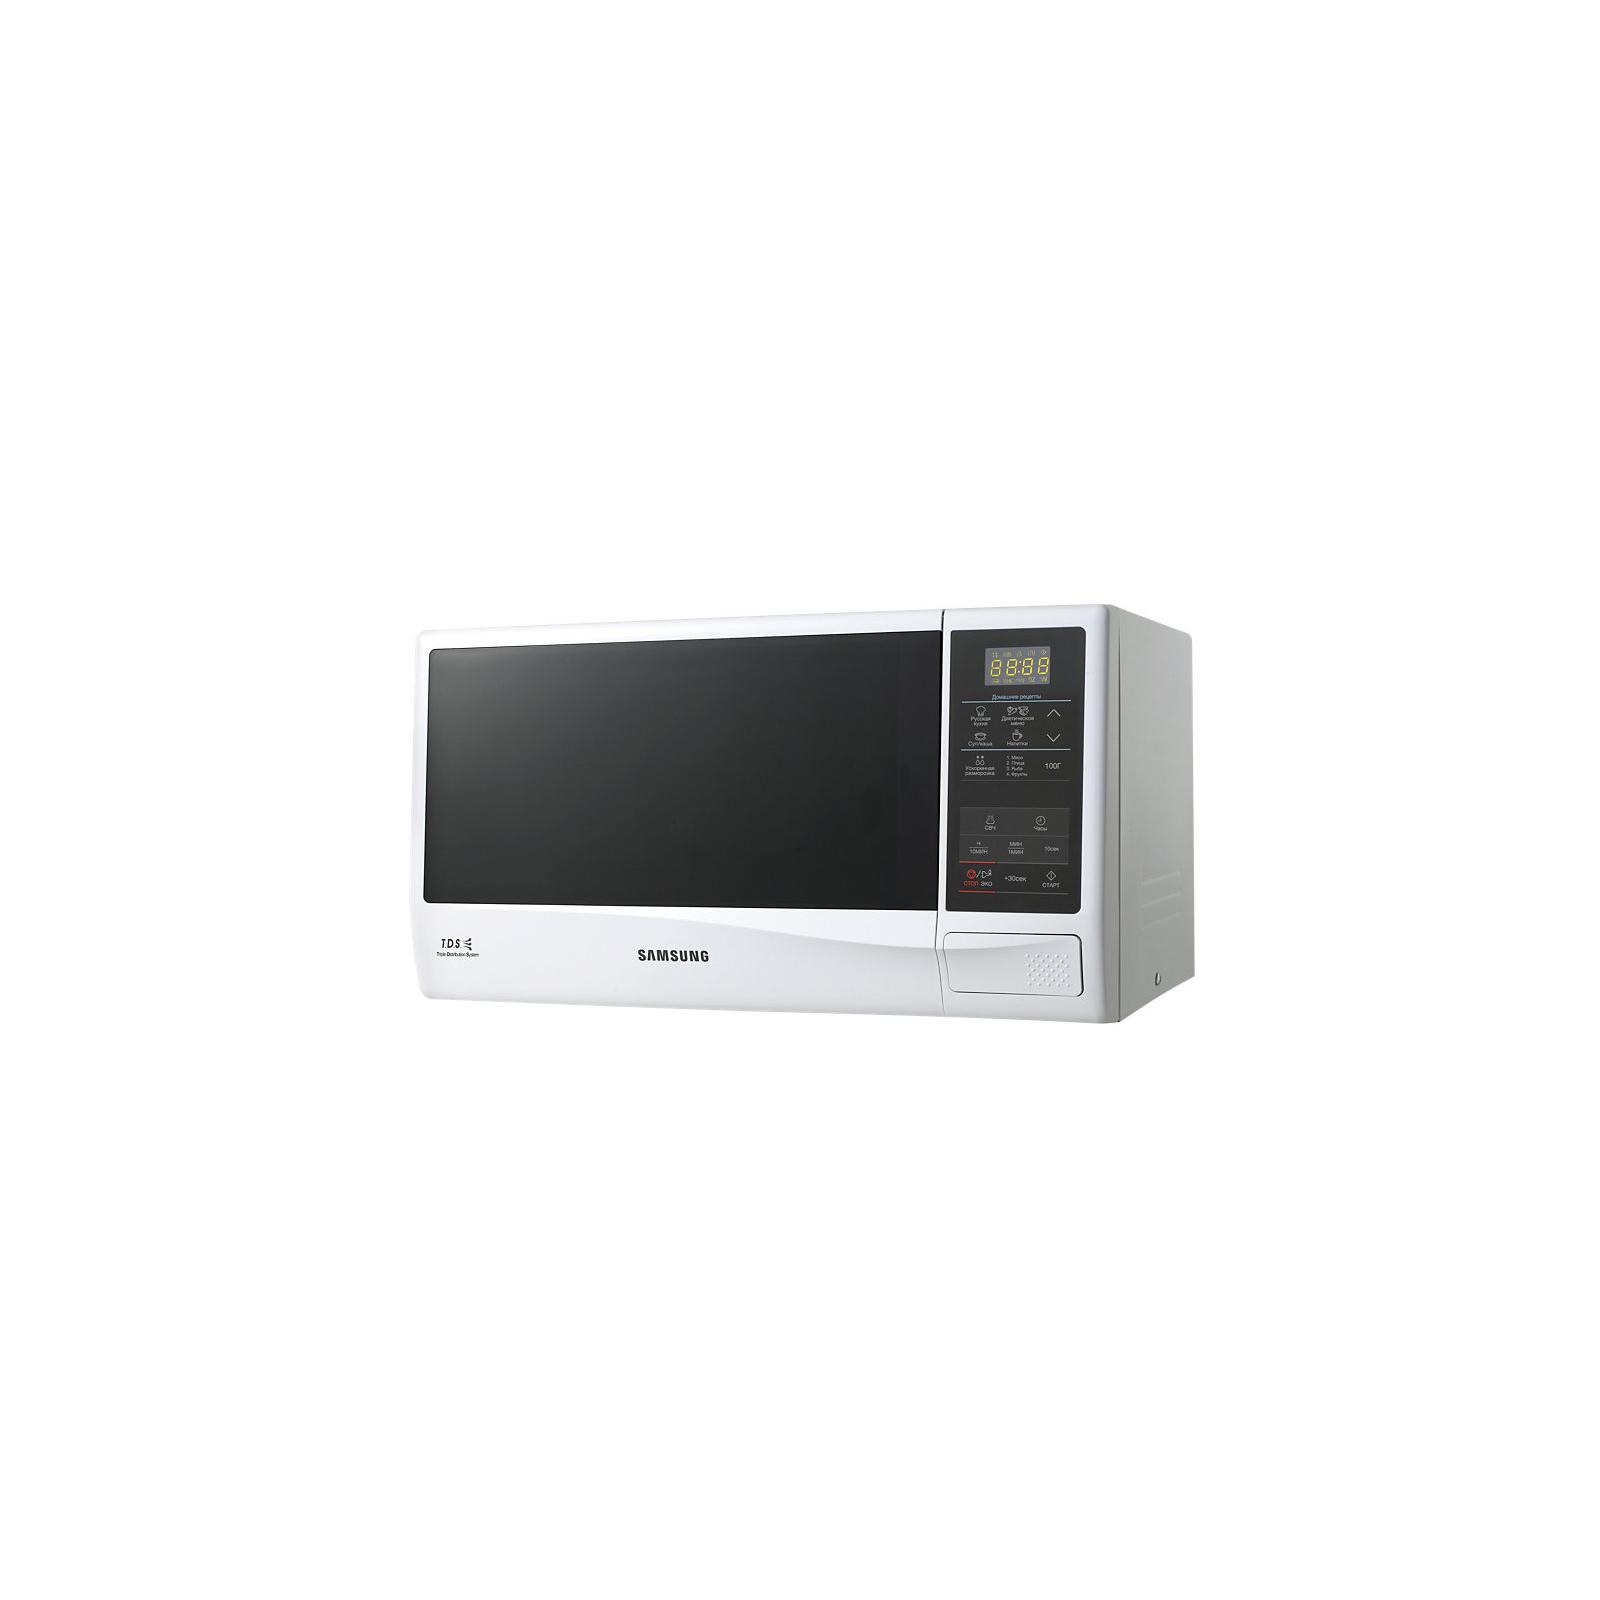 Микроволновая печь Samsung ME 83 KRW-2 (ME83KRW-2) изображение 2